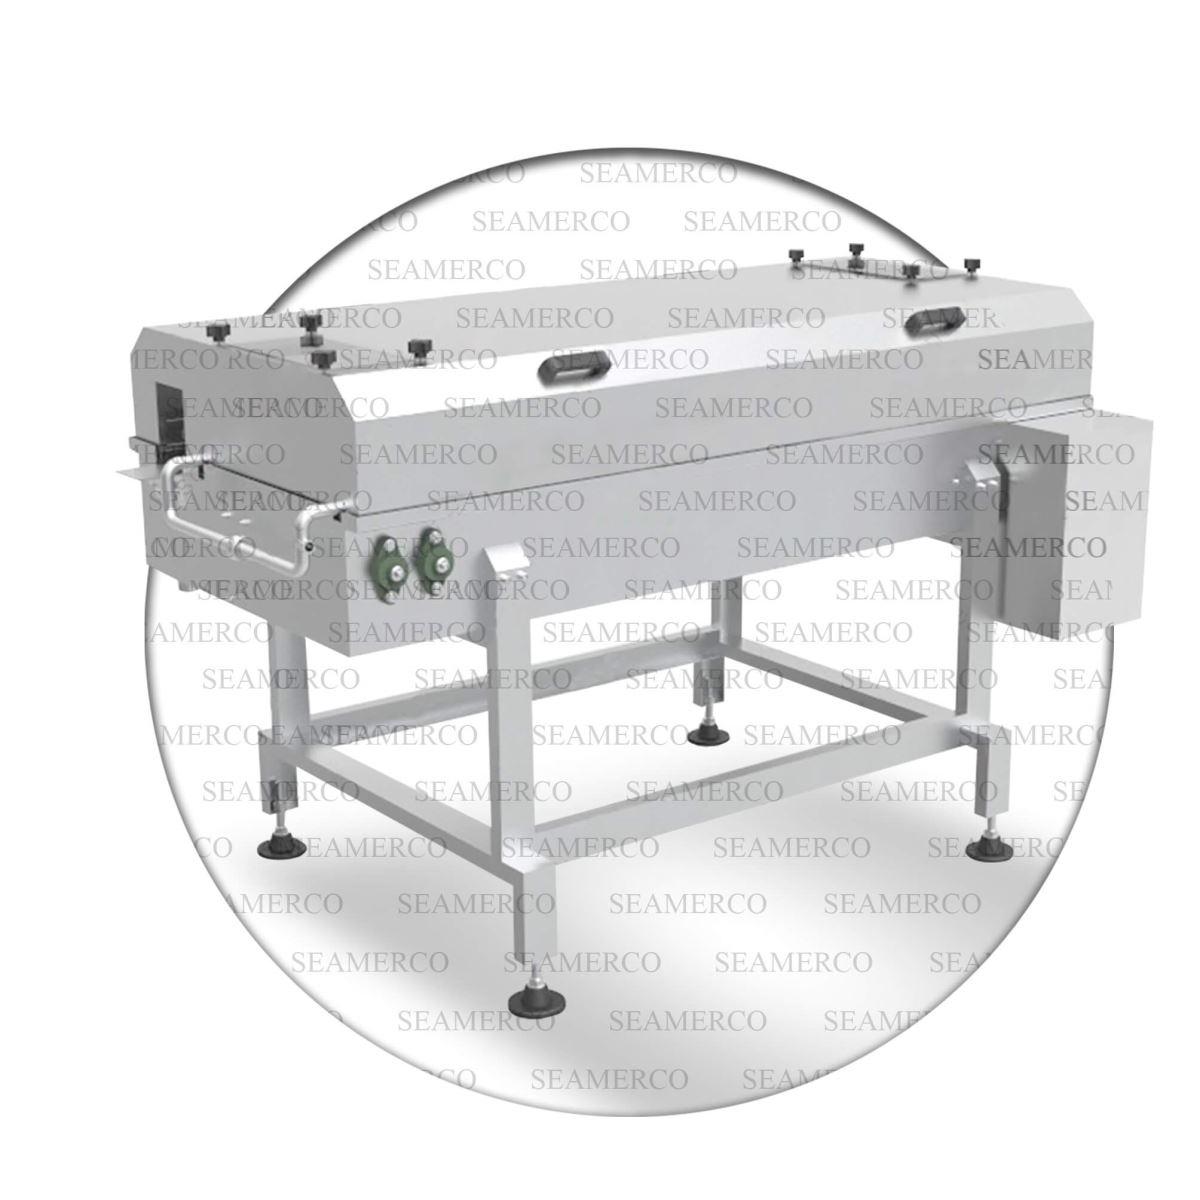 تونل اگزاست-استریل قوطی فلزی-دستگاه تونل اگزاست